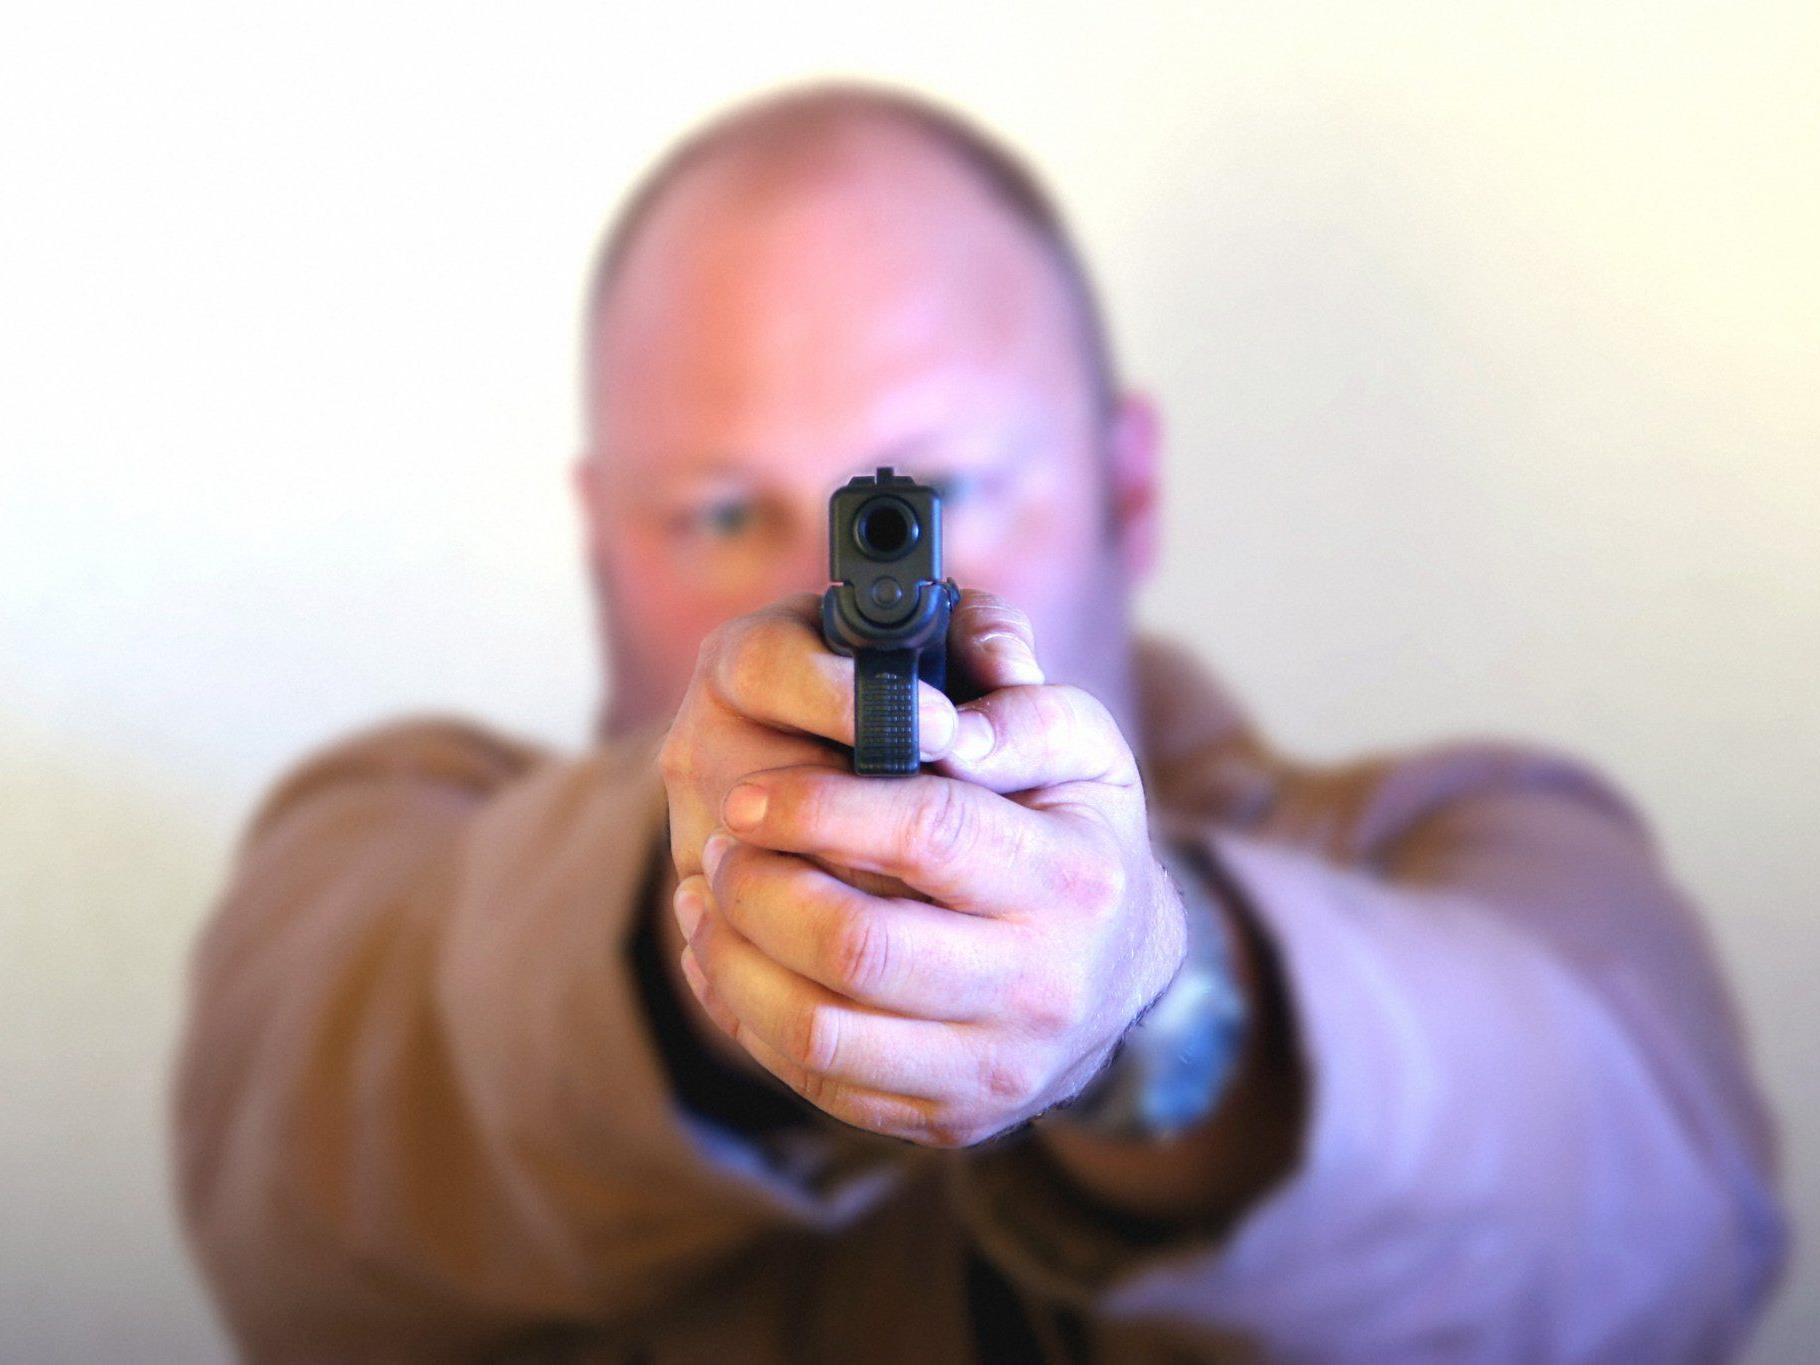 Automaten und Pistolen sind keine gute Kombination